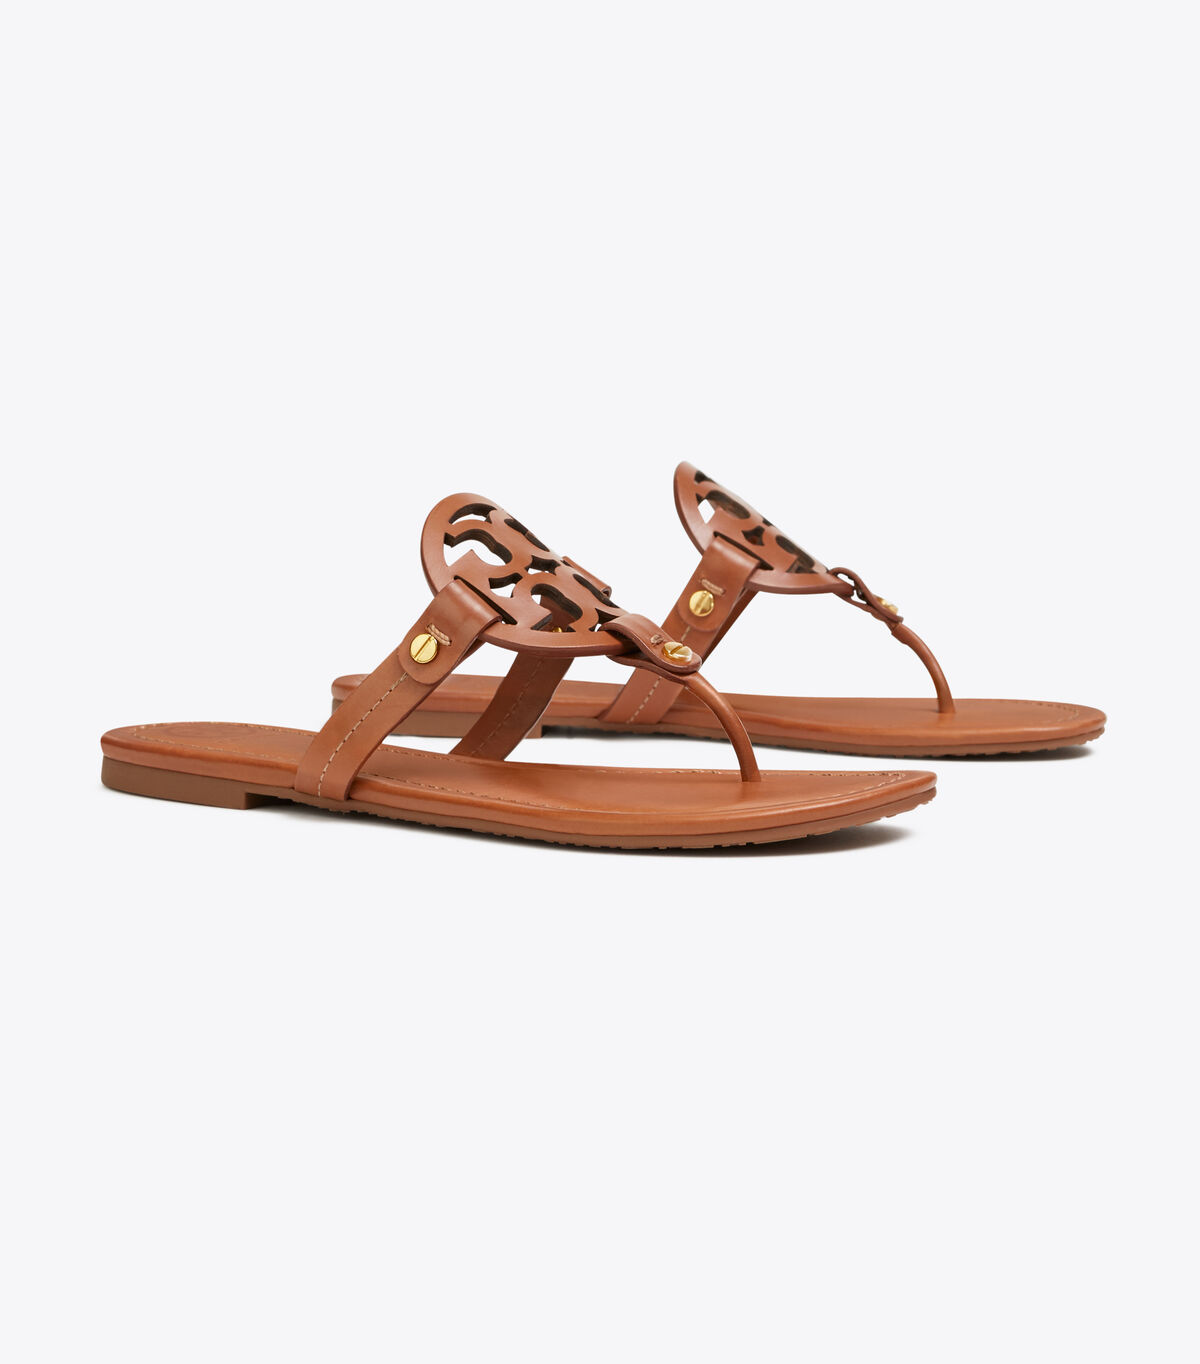 Miller Sandal, Leather